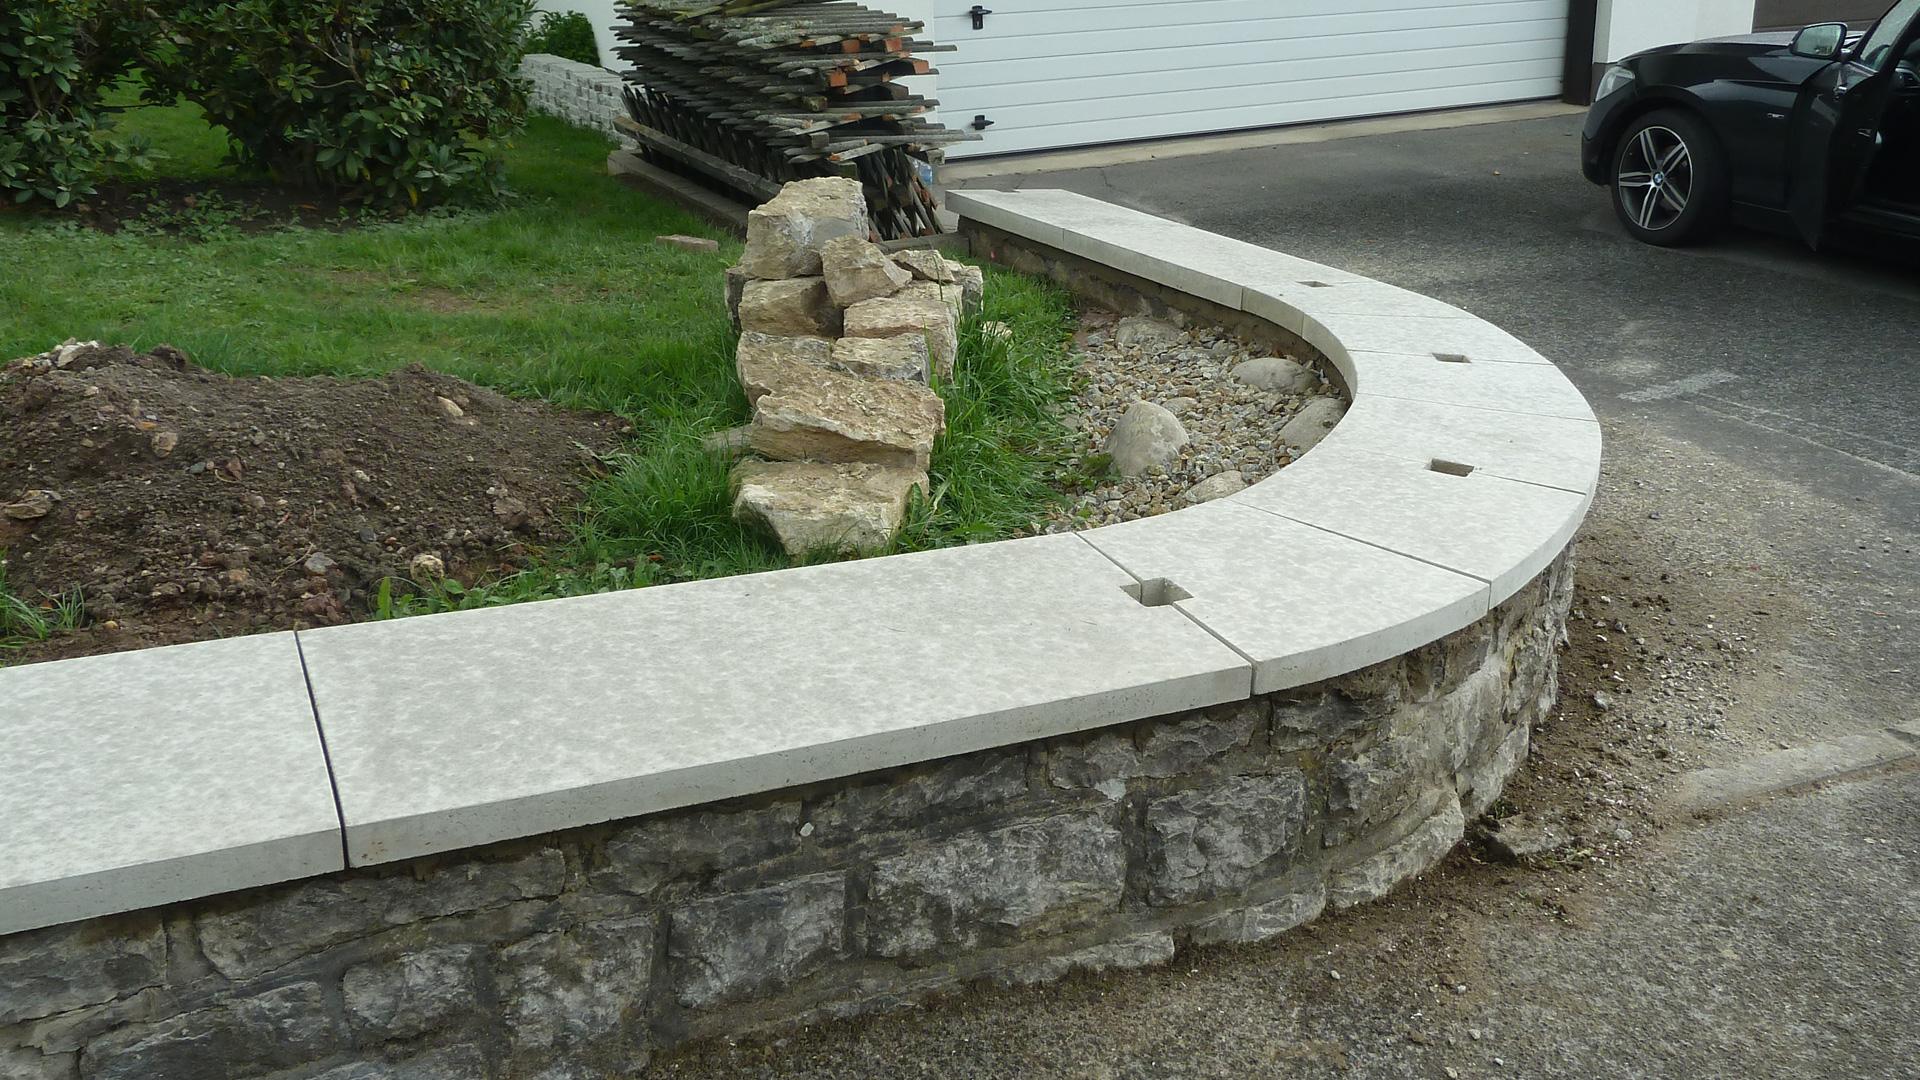 Abdeckplatten aus granit beton waschbeton betonwerkstein und kalkstein wagner treppenbau - Billardtisch aus beton oeffentlichen bereich ...